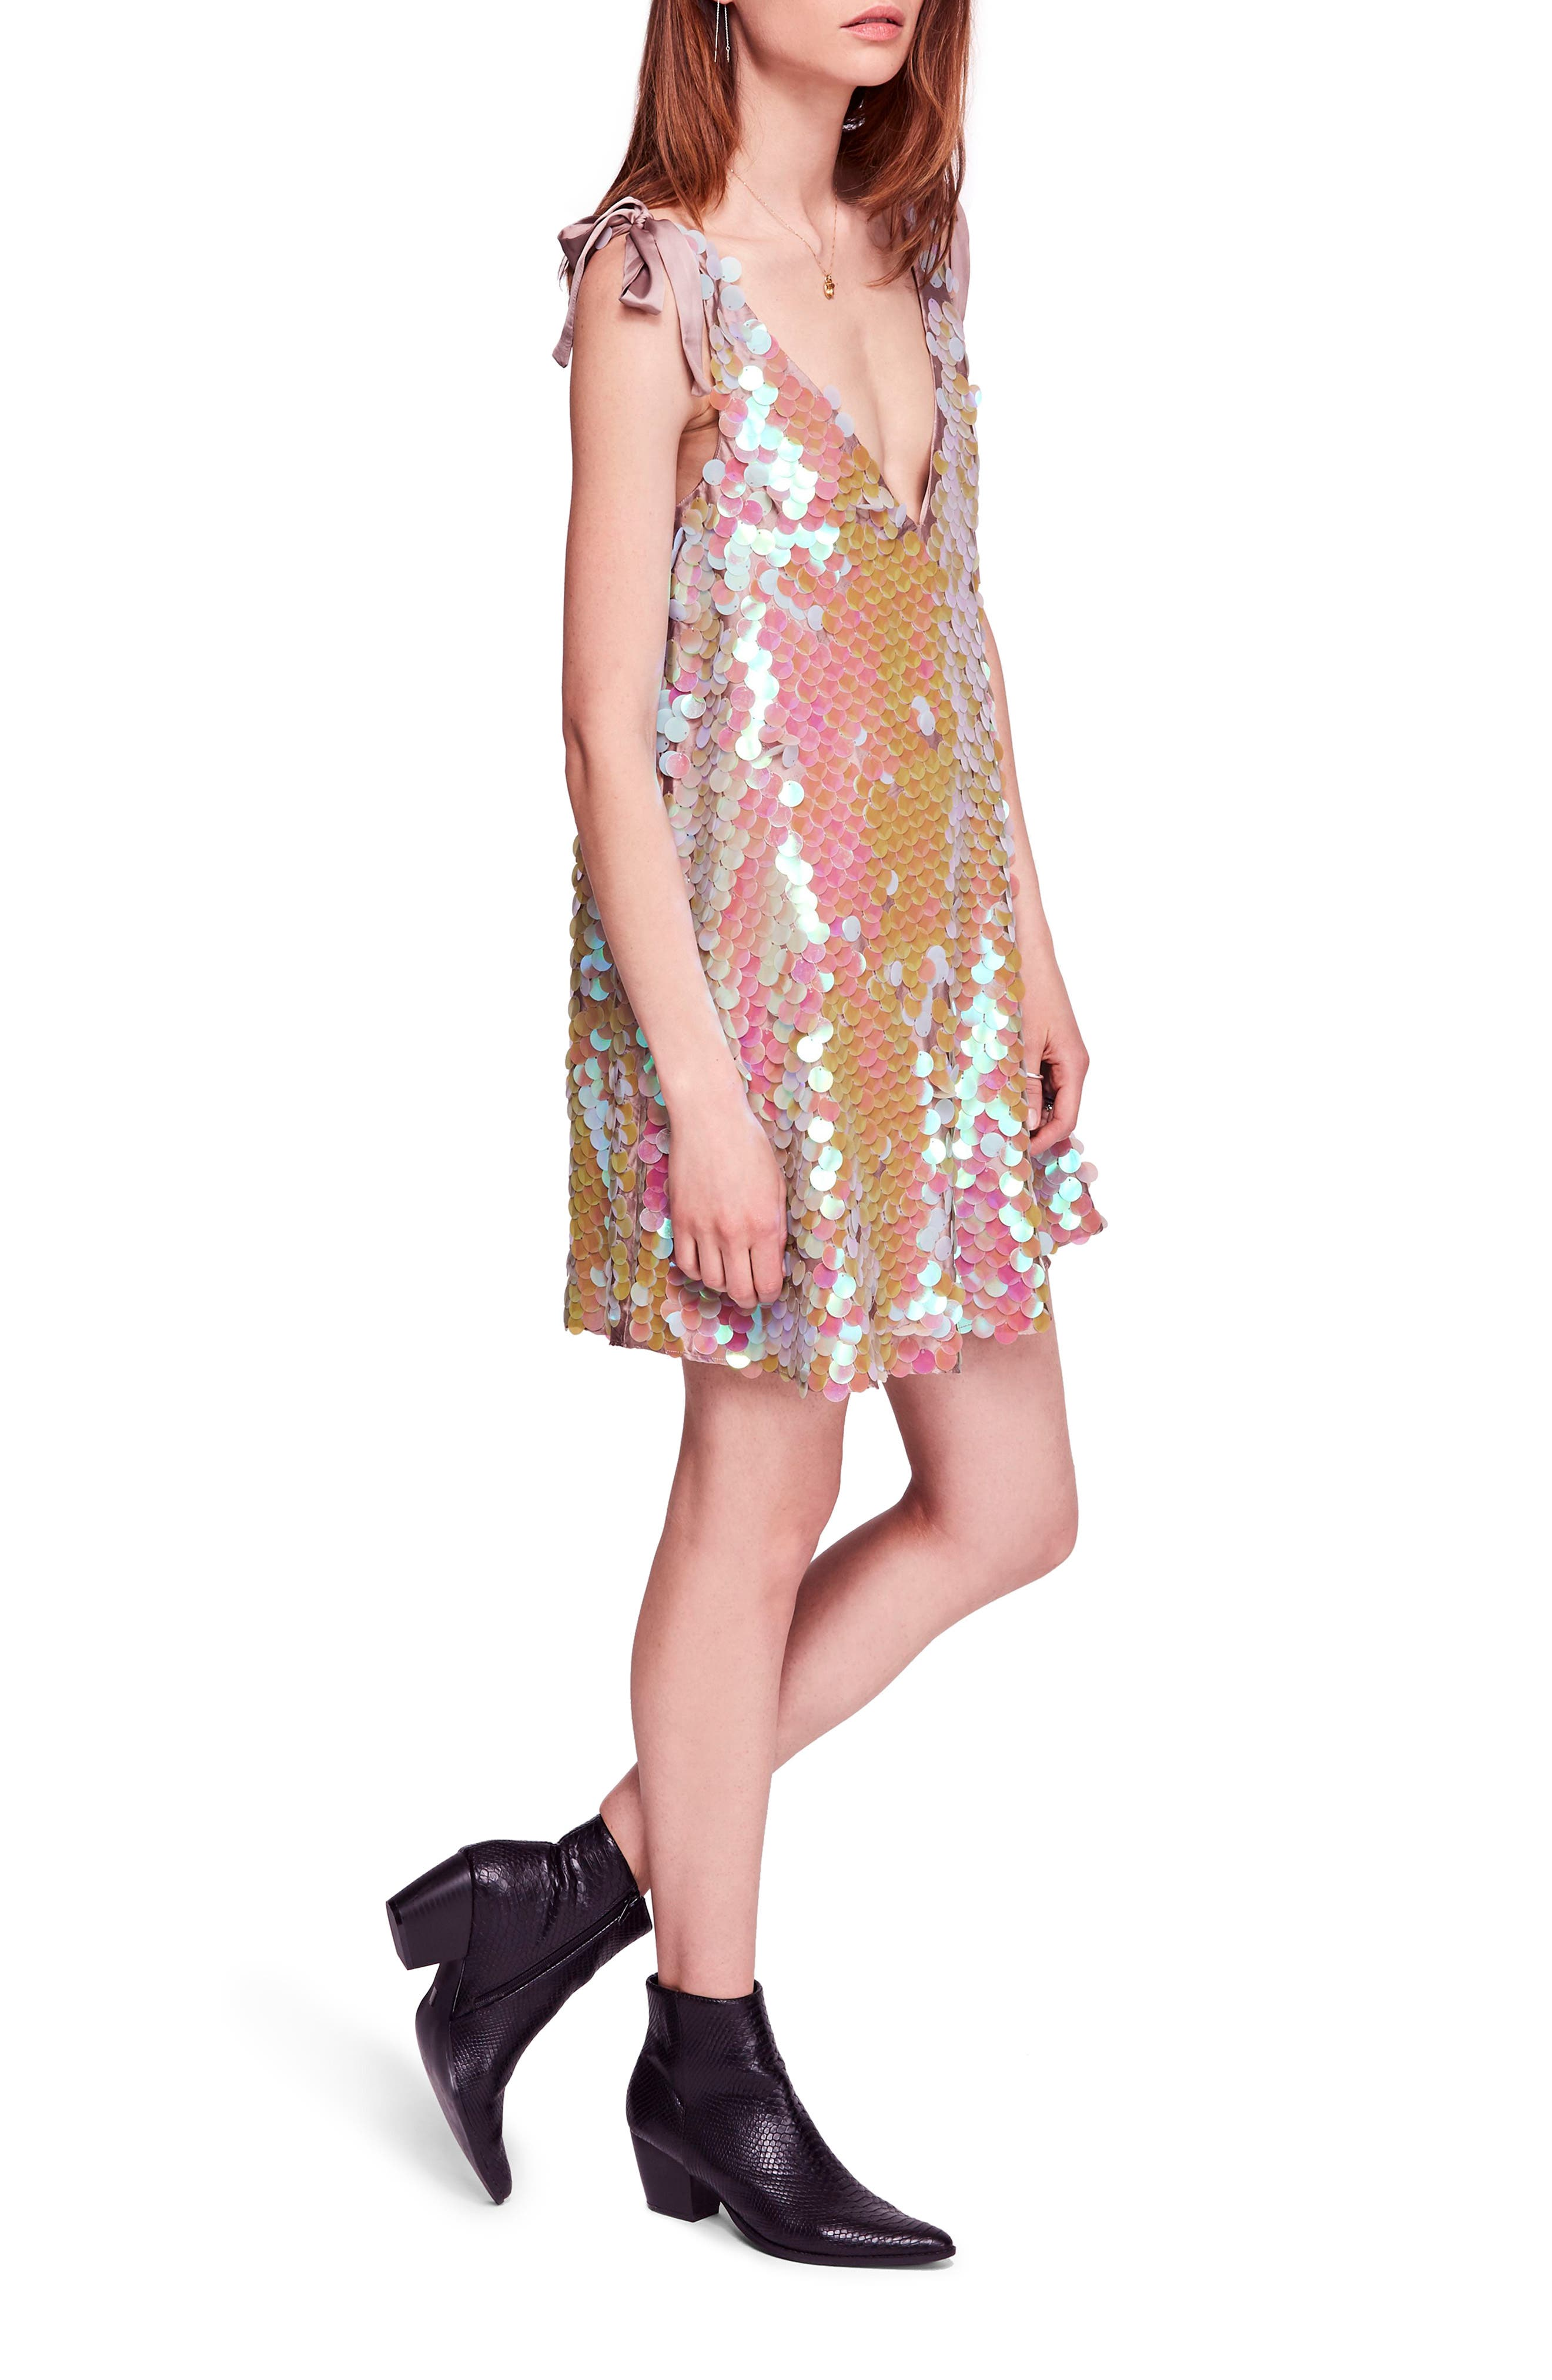 Penelope Glitter Disc Sequin Swing Dress,                             Alternate thumbnail 3, color,                             440